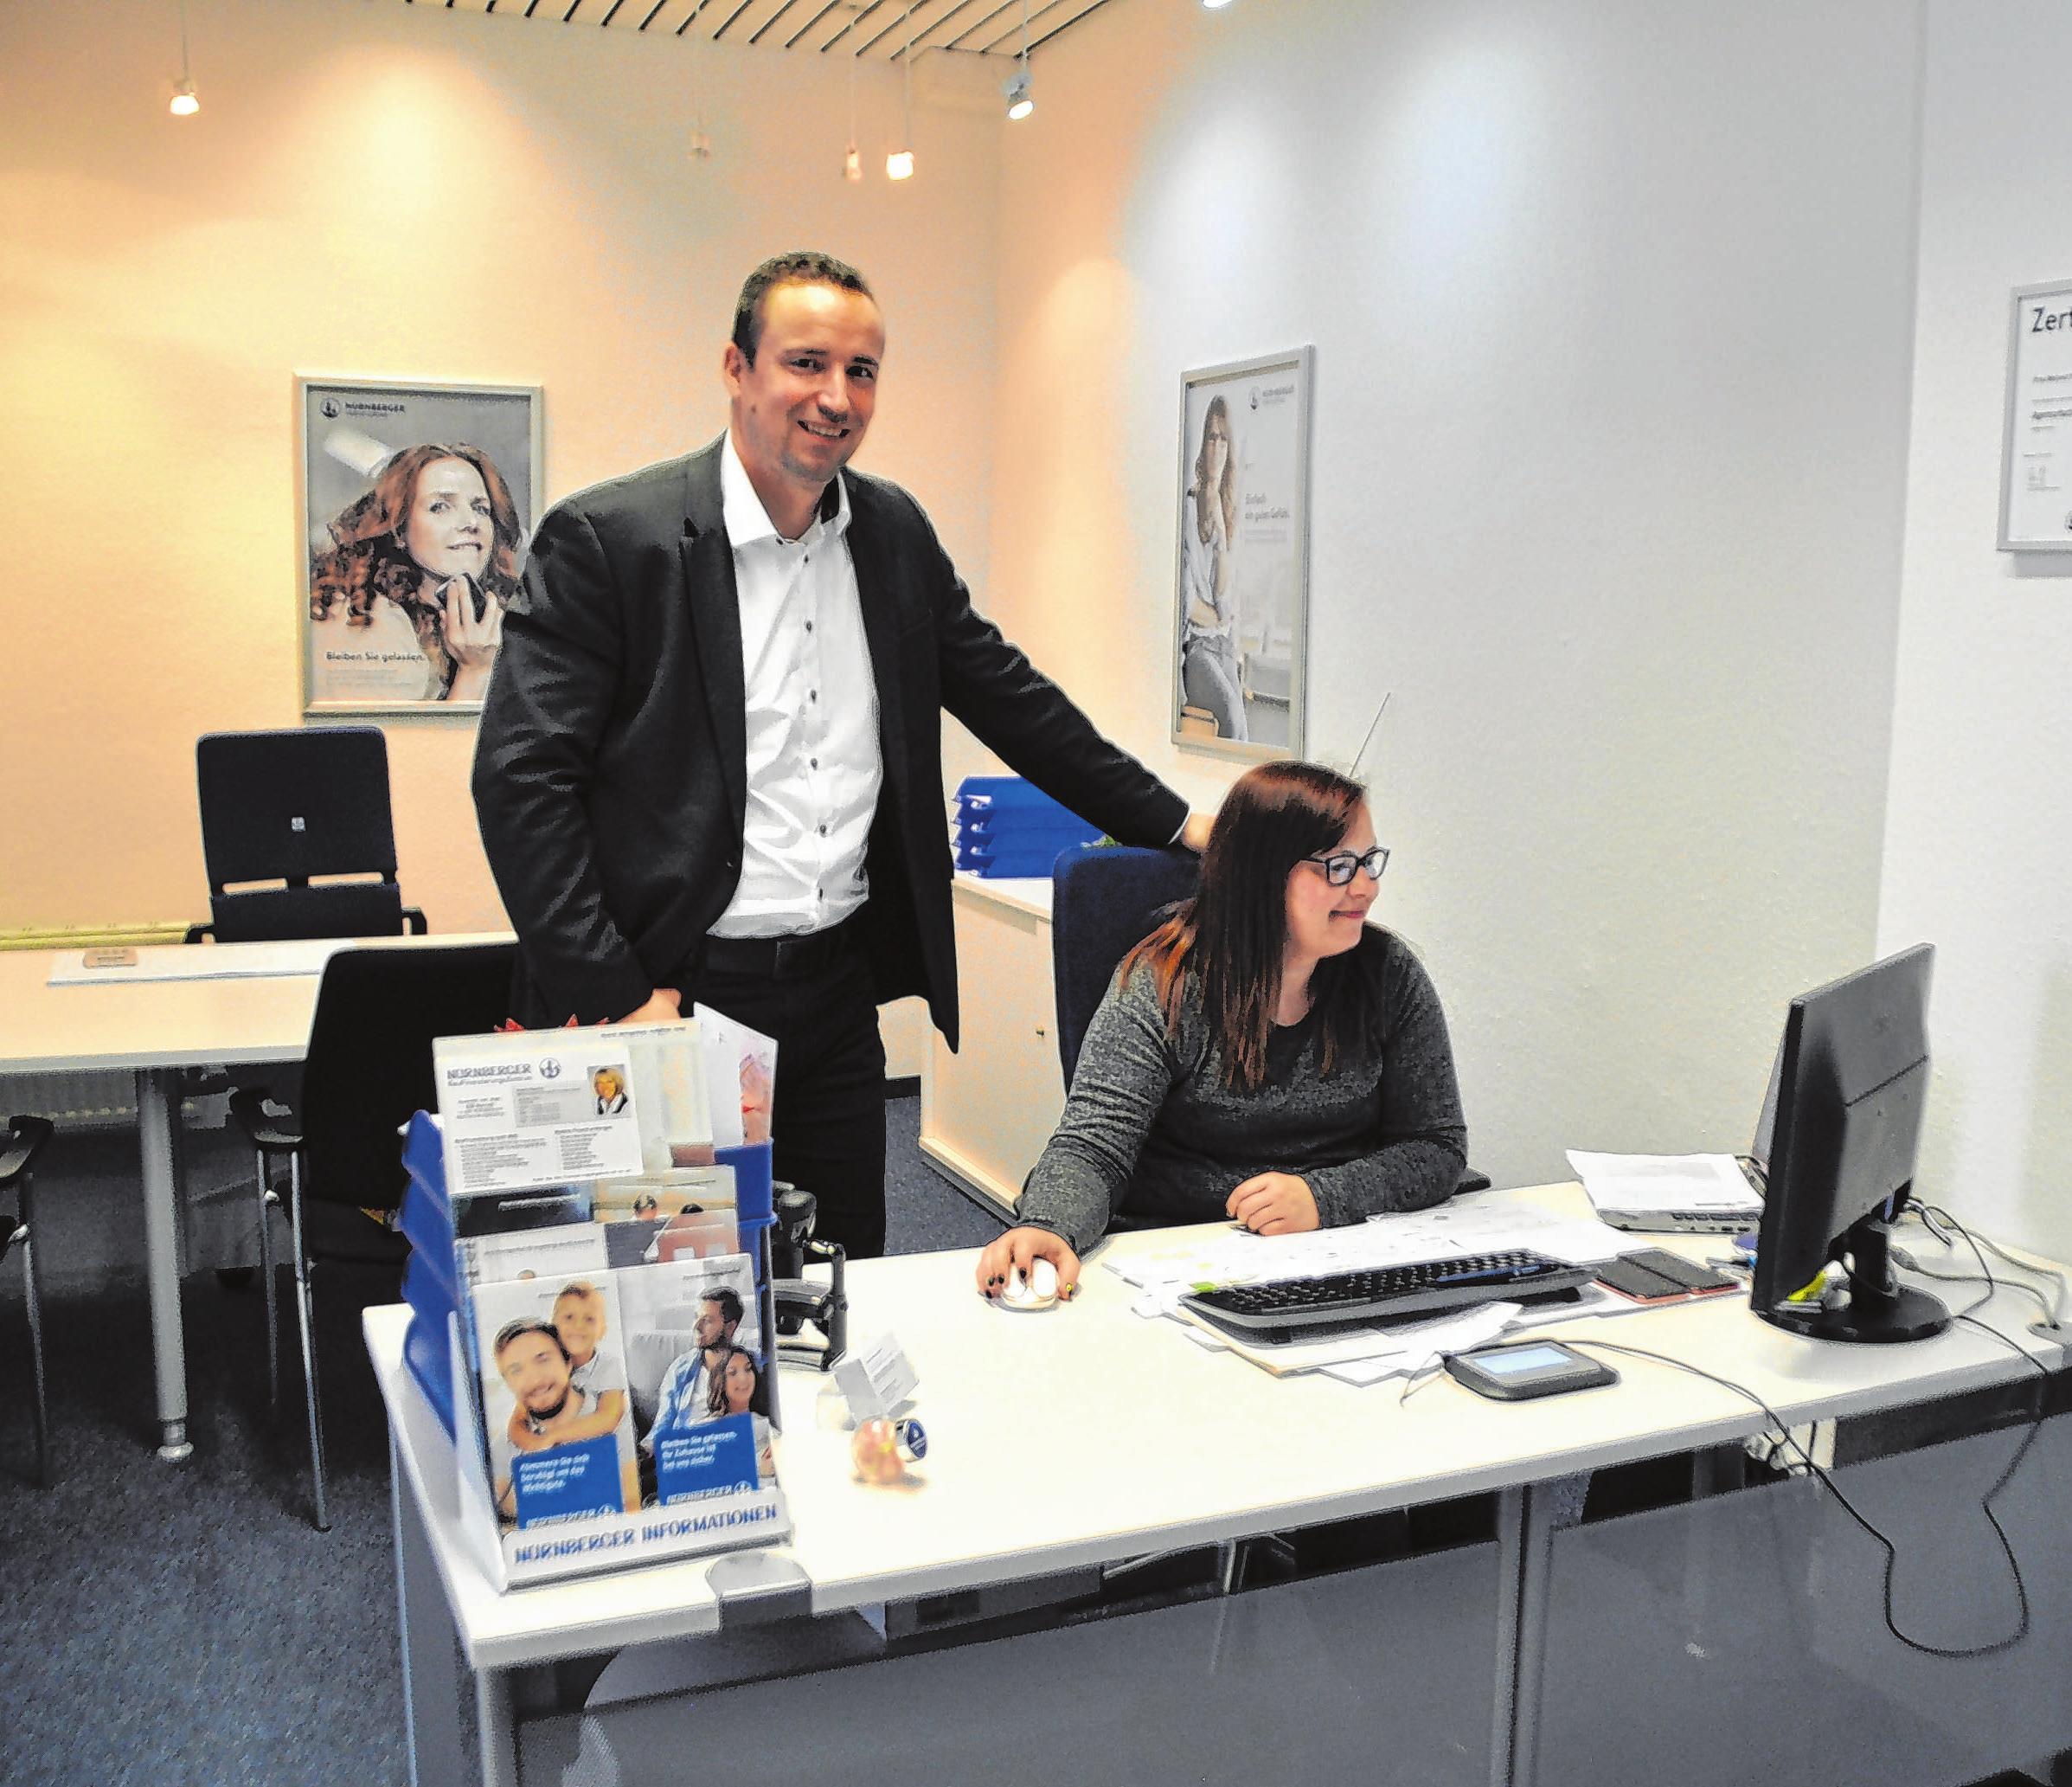 Der Generalagent der Agentur Ostbrandenburg der Nürnberger Versicherung, Thomas Andreas Günther, und Büroleiterin Melanie Ploch sind gemeinsam mit vier weiteren Mitarbeitern für die Versicherten zwischen Pasewalk und Cottbus da. Foto: Sabine Uy